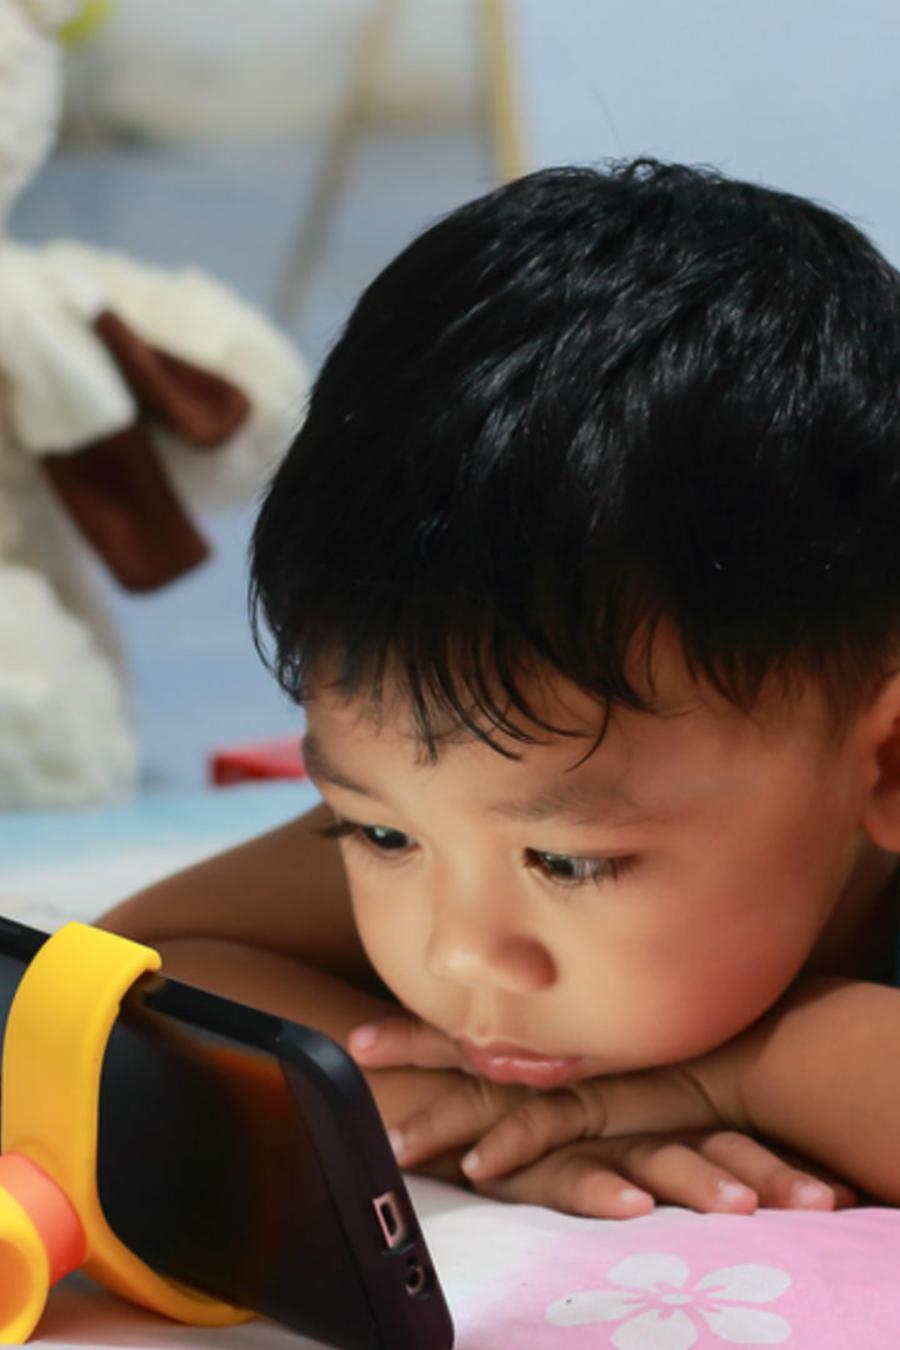 Niño acostado en la cama viendo a la pantalla de un celular